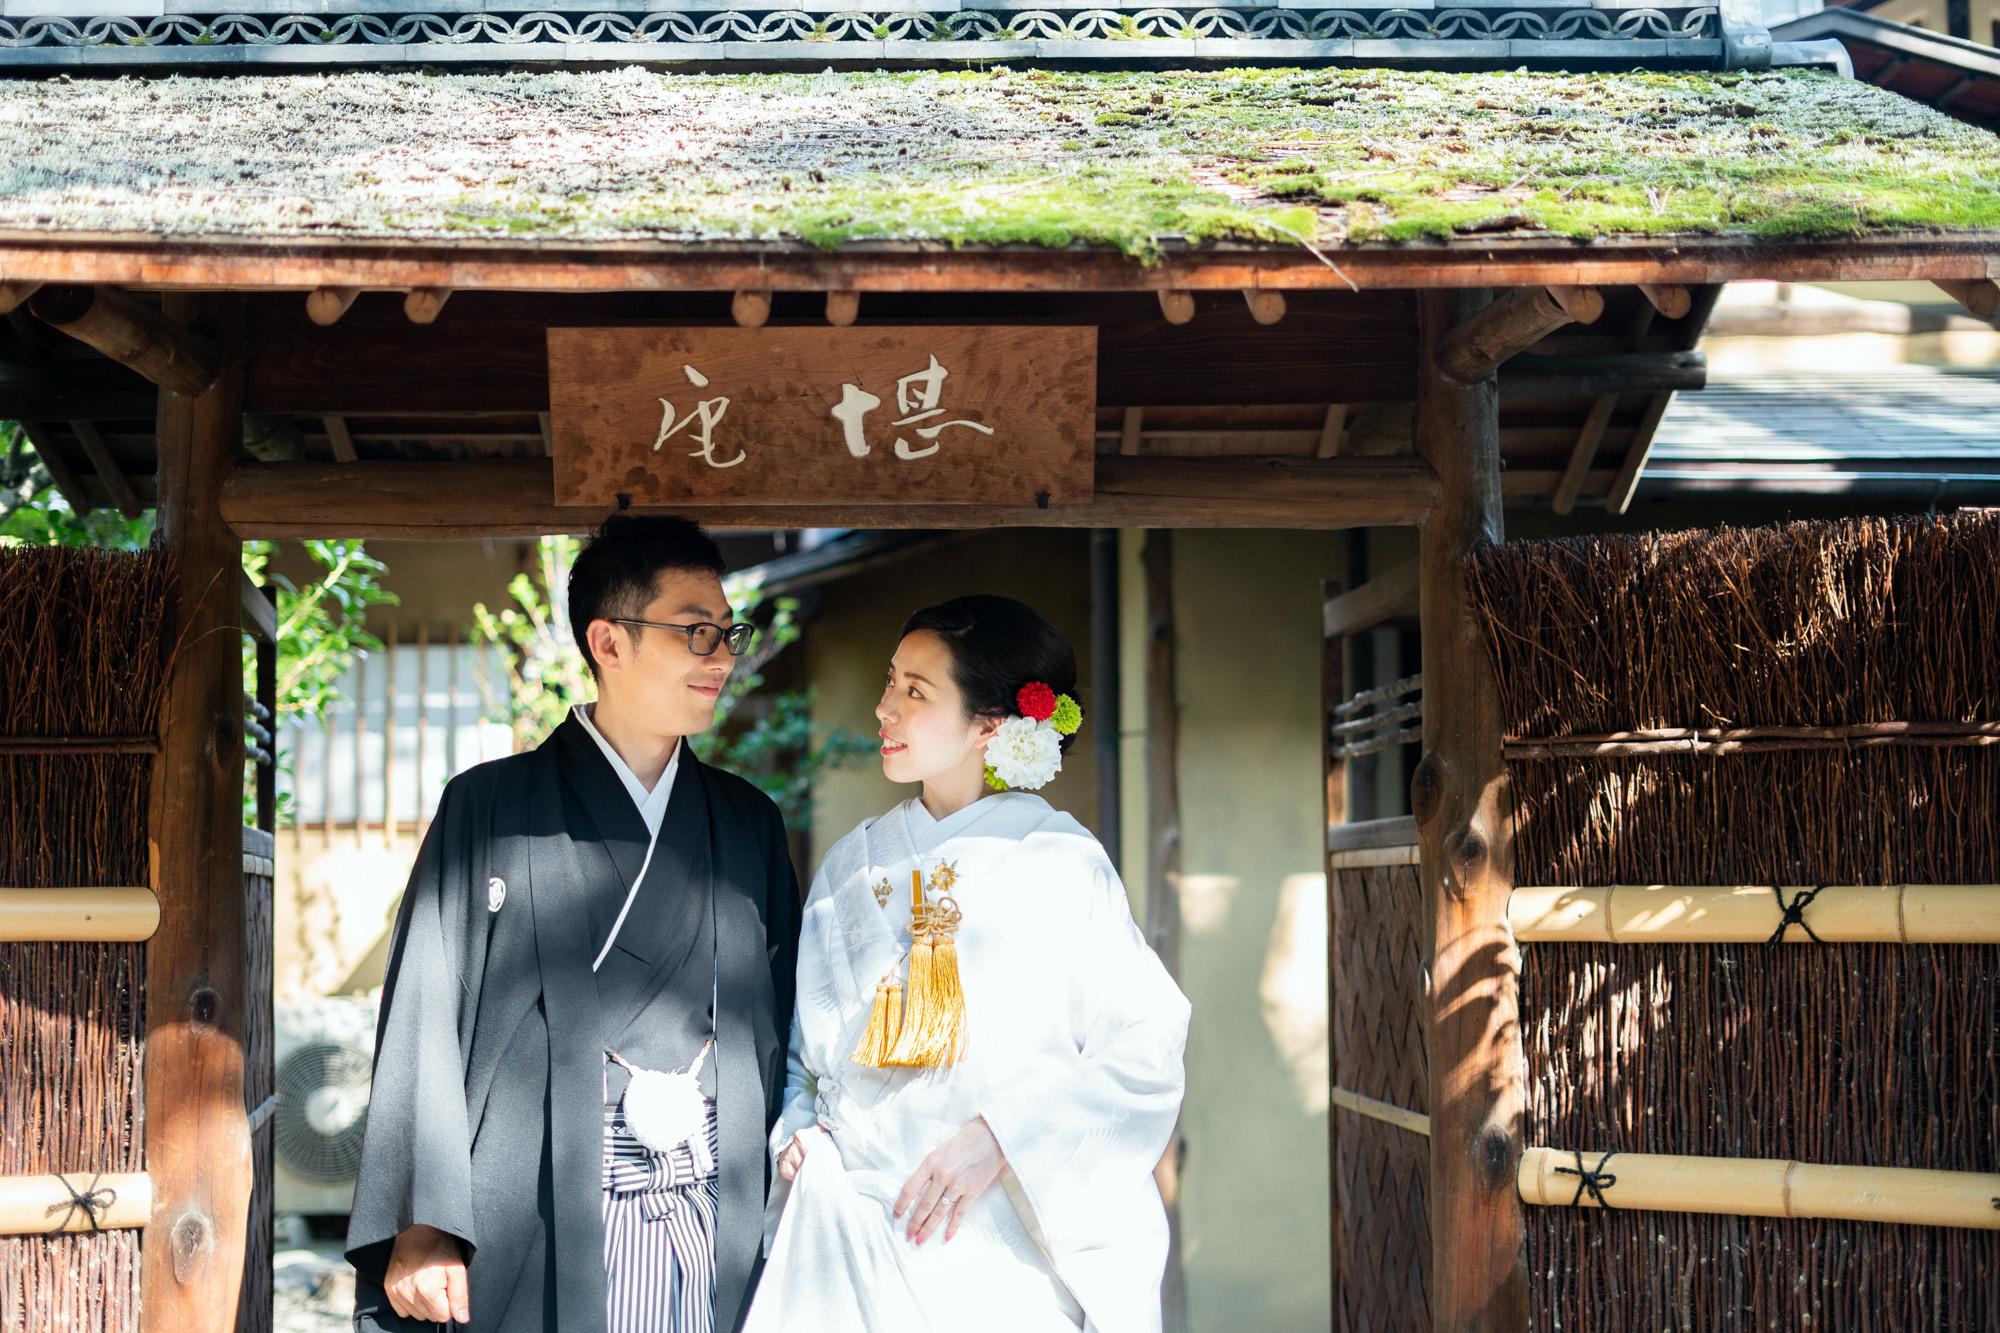 京都国立博物館の茶室「堪庵」にて前撮り。